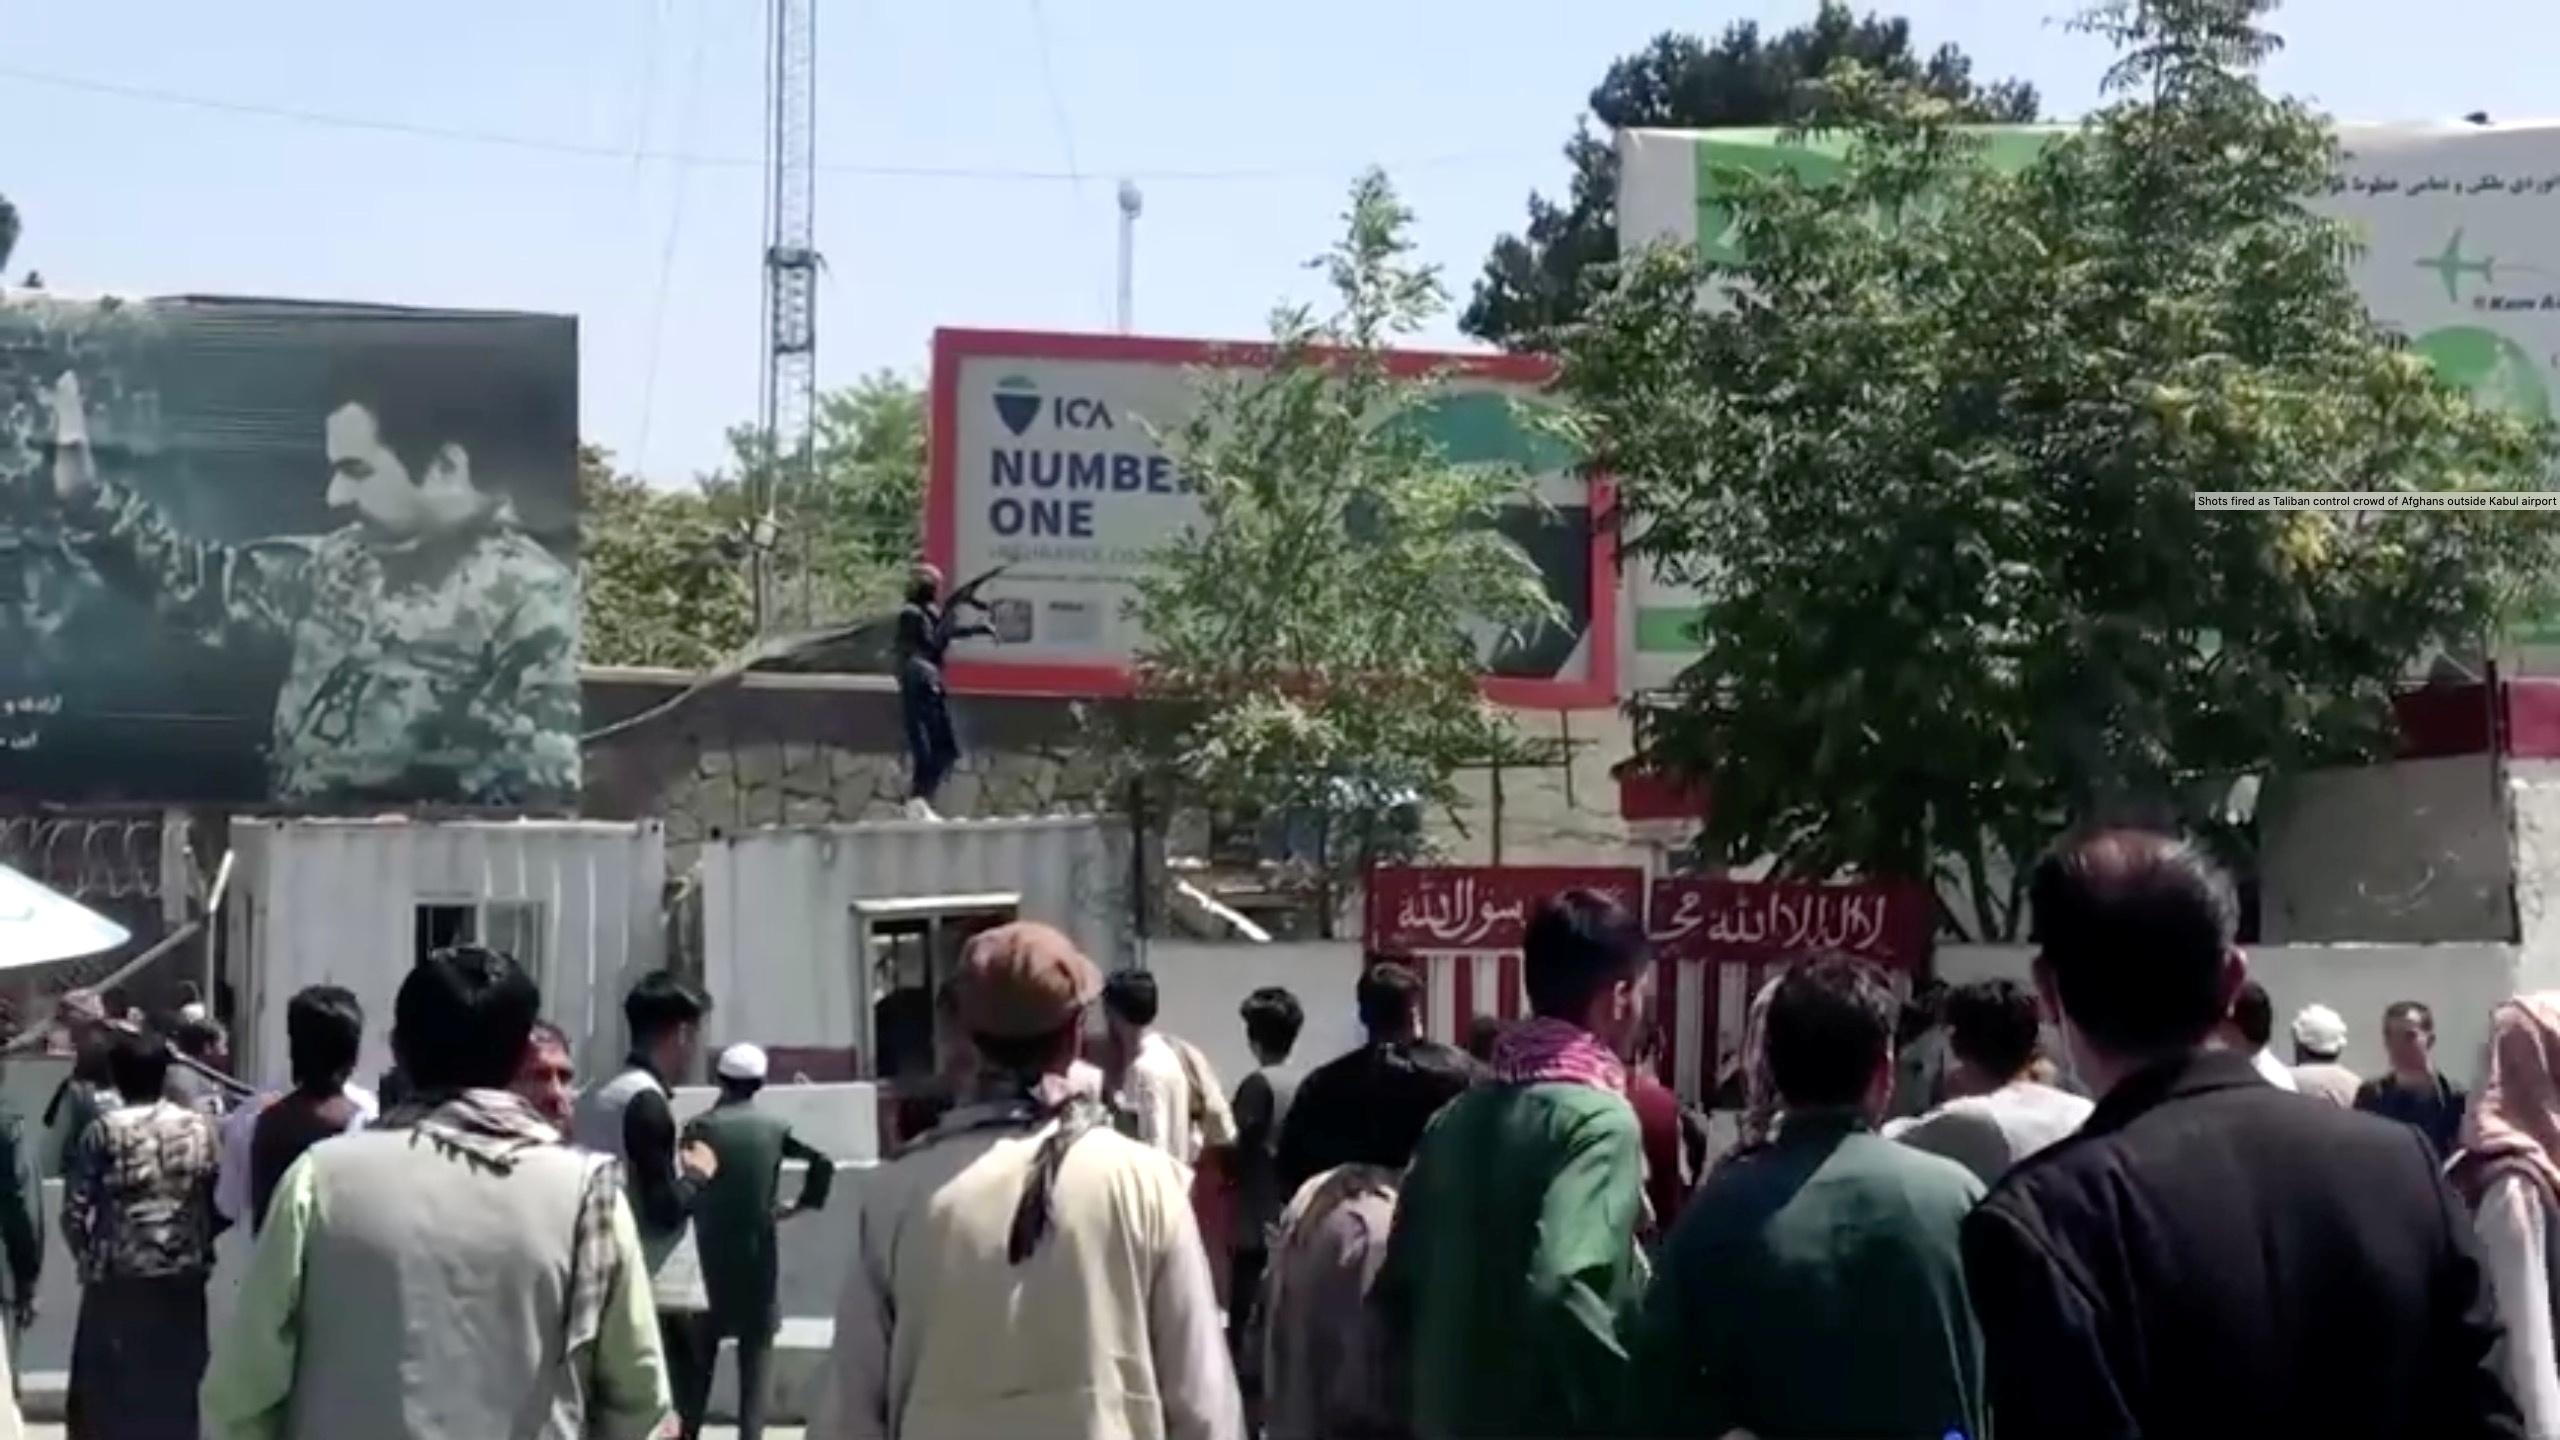 Αφγανιστάν: Ο Μπάιντεν ψάχνει τρόπους να απομακρύνει Αμερικανούς και πρόσφυγες από τη χώρα